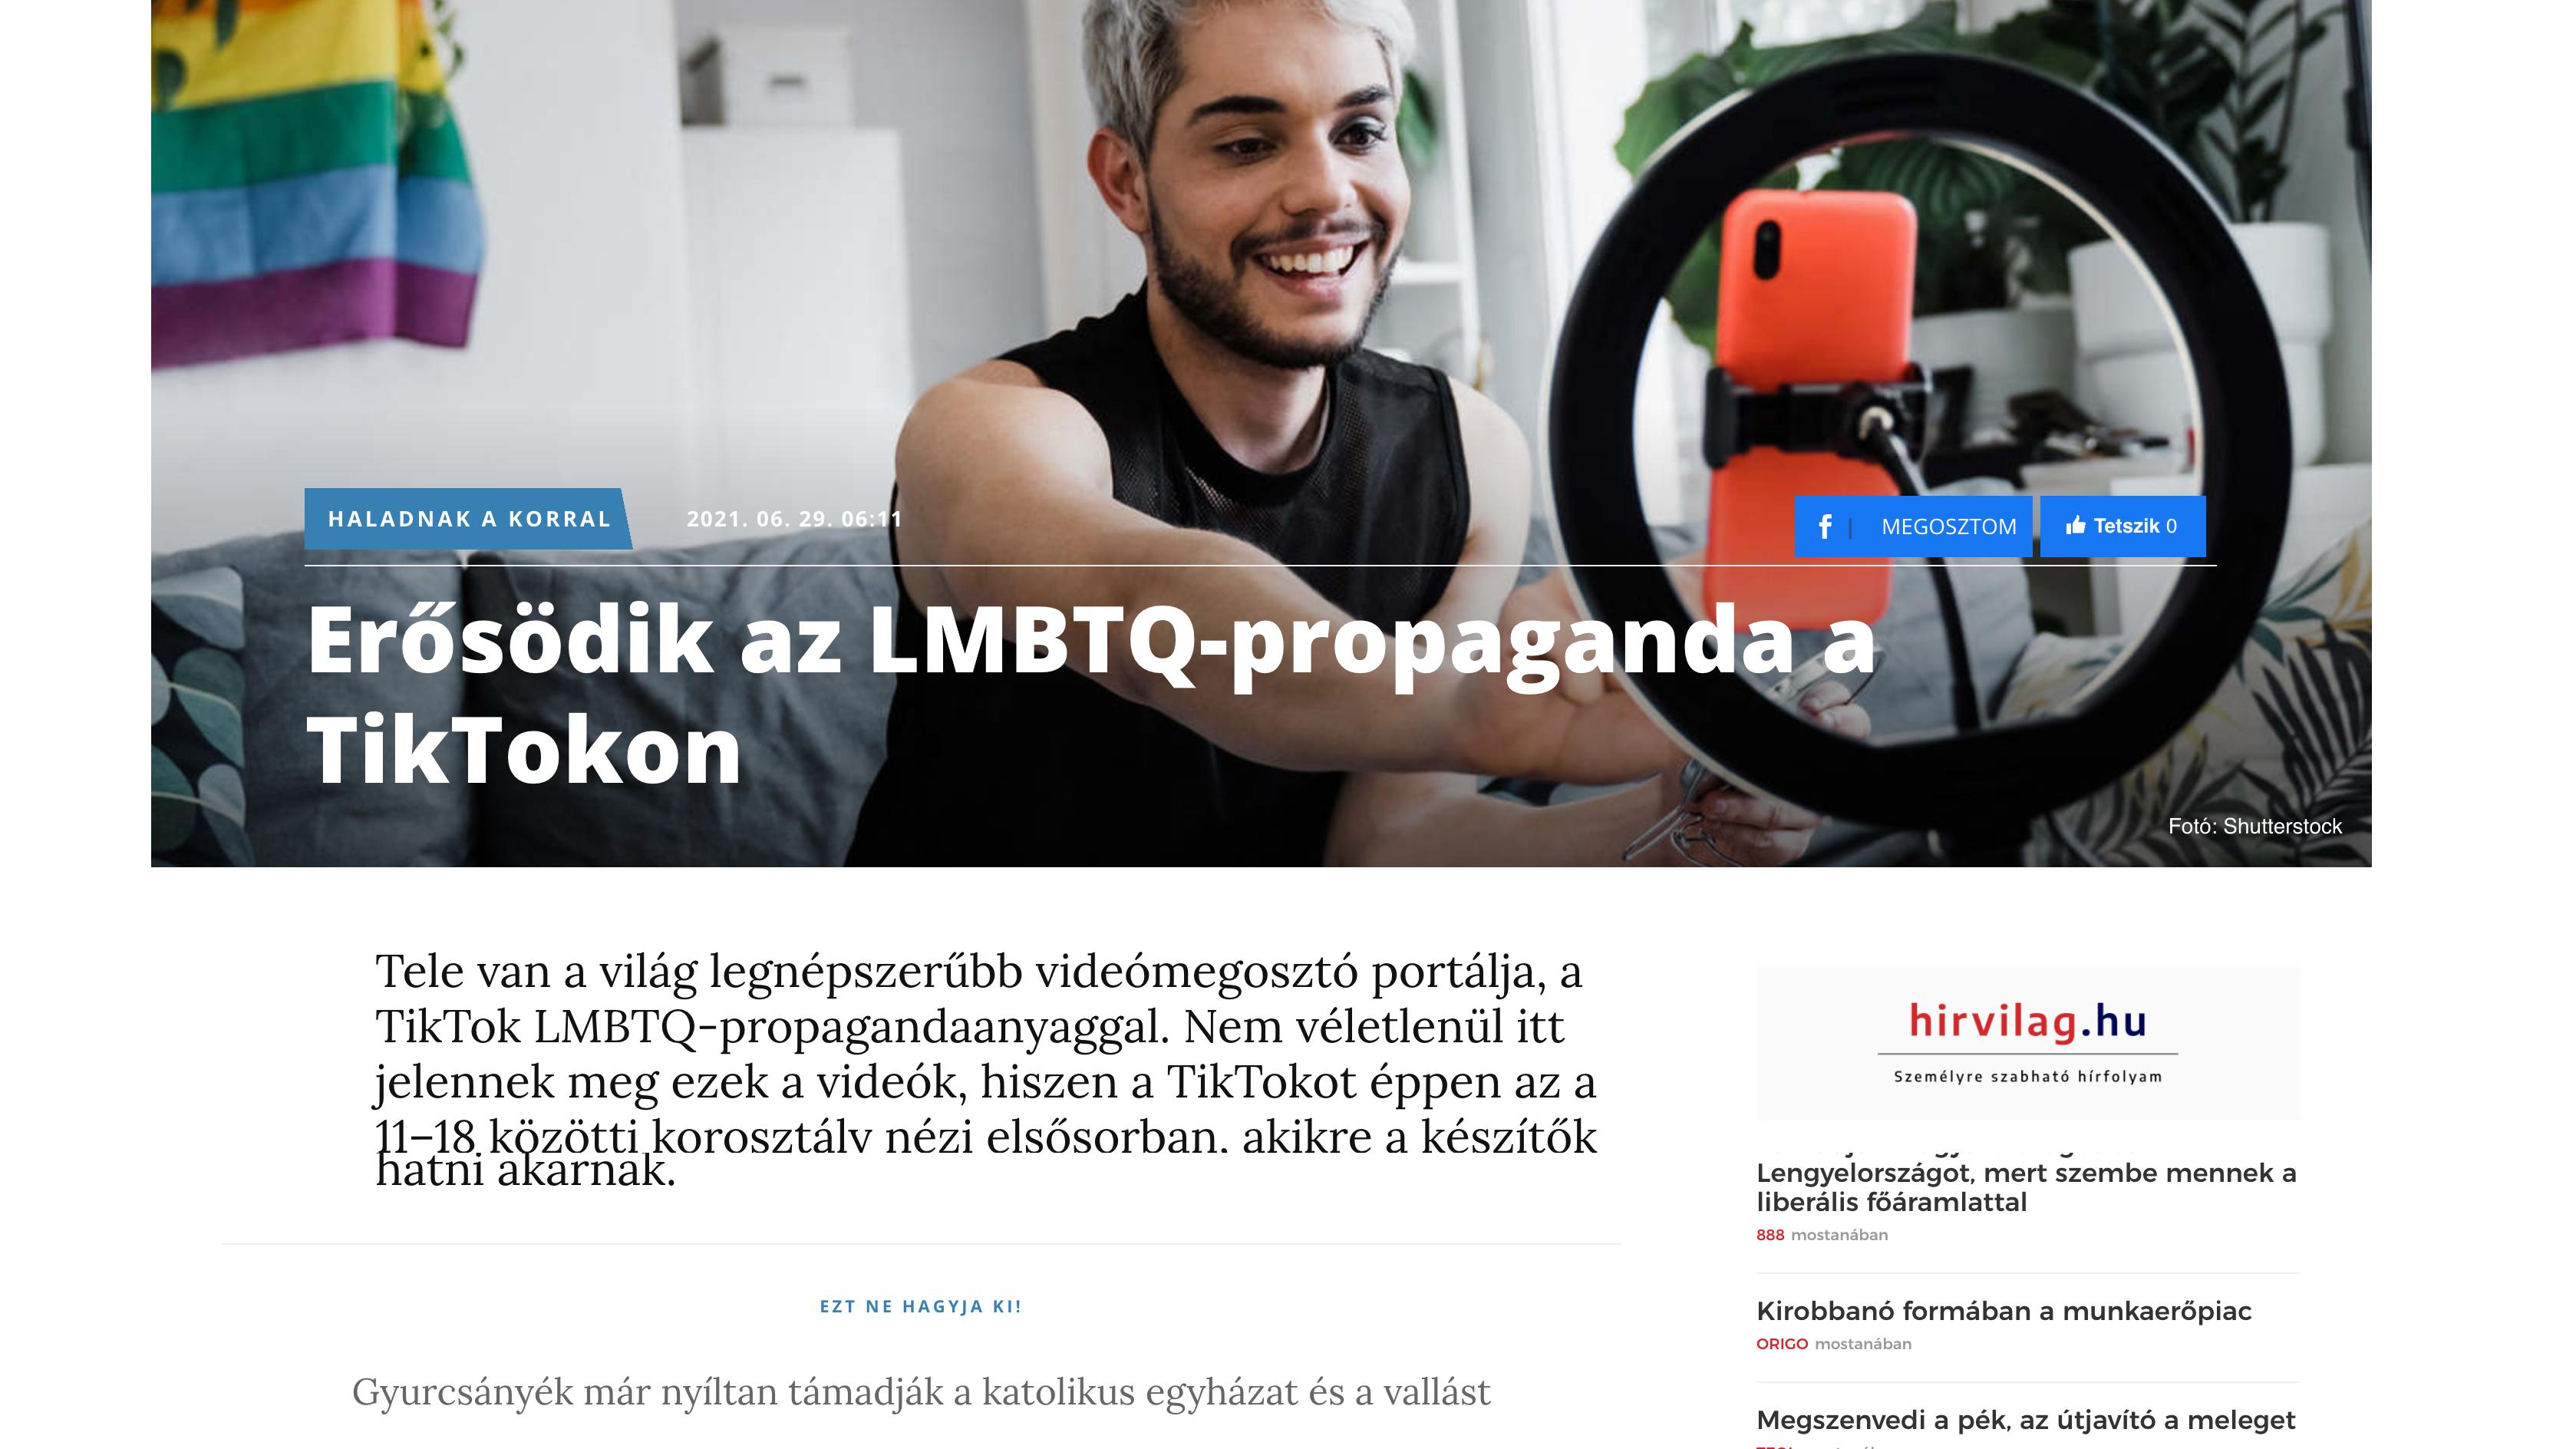 """Az összes vidéki lap szerint """"erősödik az LMBTQ-propaganda a TikTokon"""""""